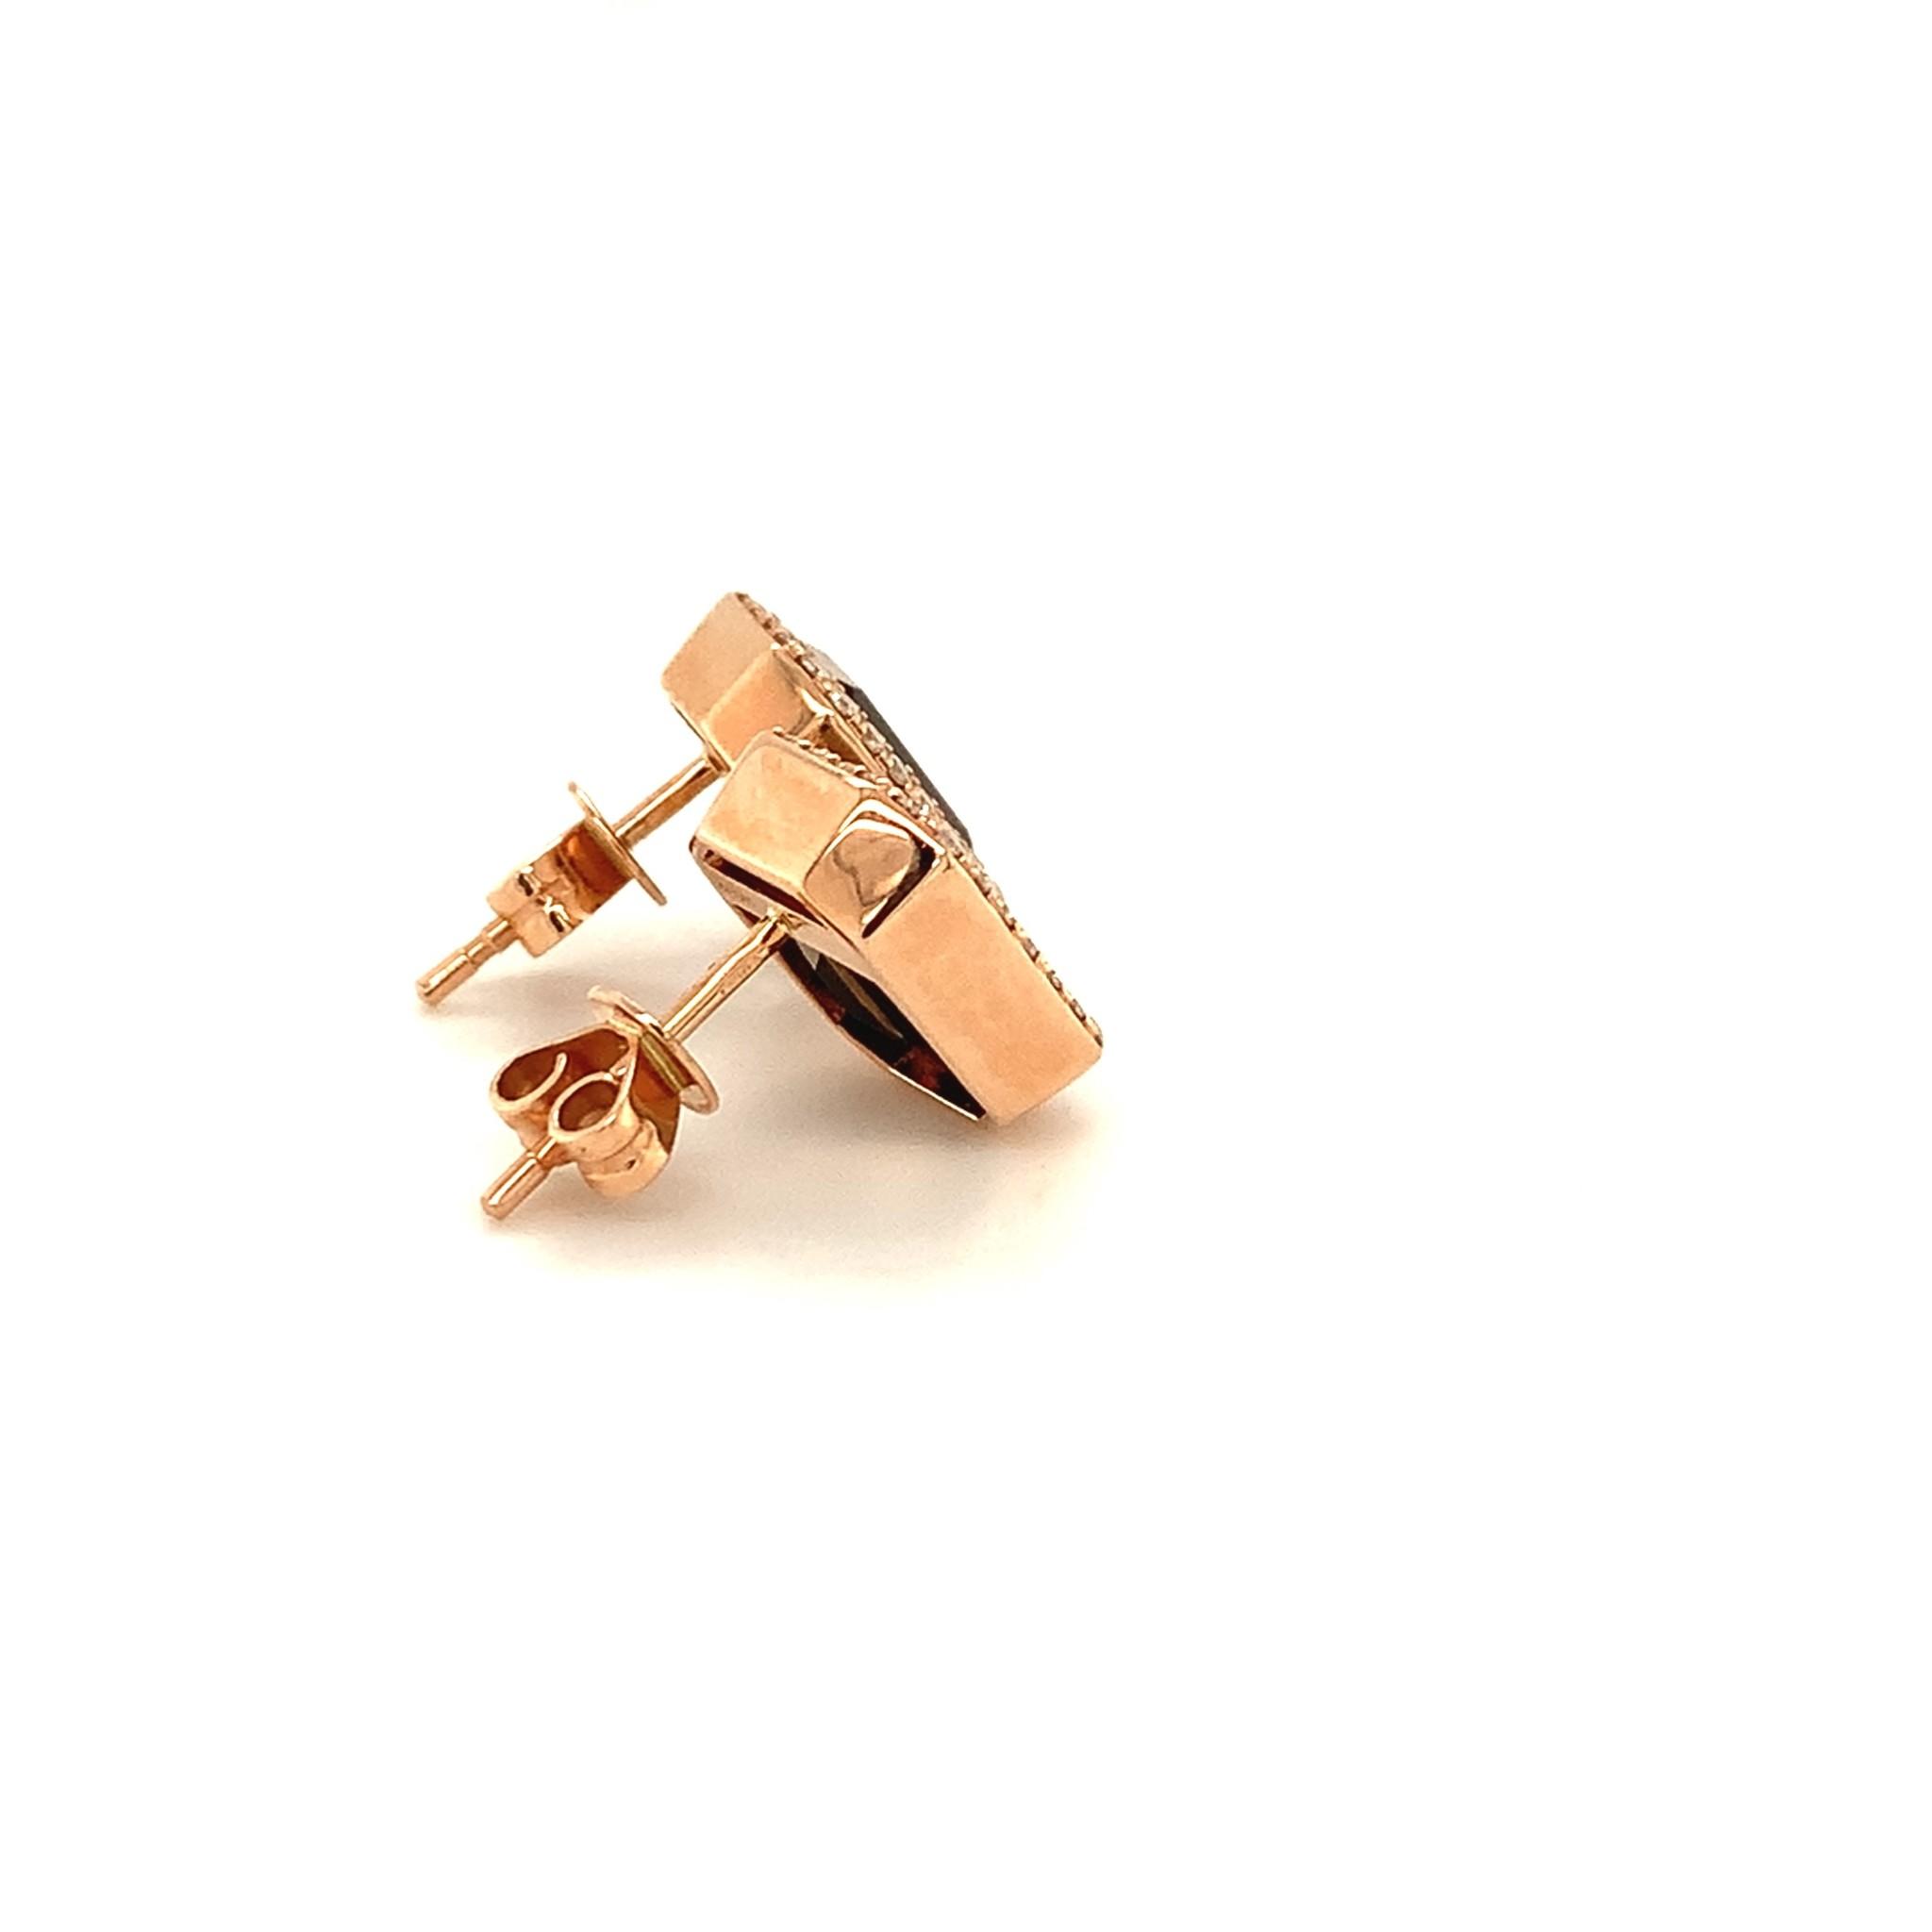 Passione Rosegouden oorknoppen met emeraude geslepen rookkwarts 4,40ct en 0.31ct briljant Hsi